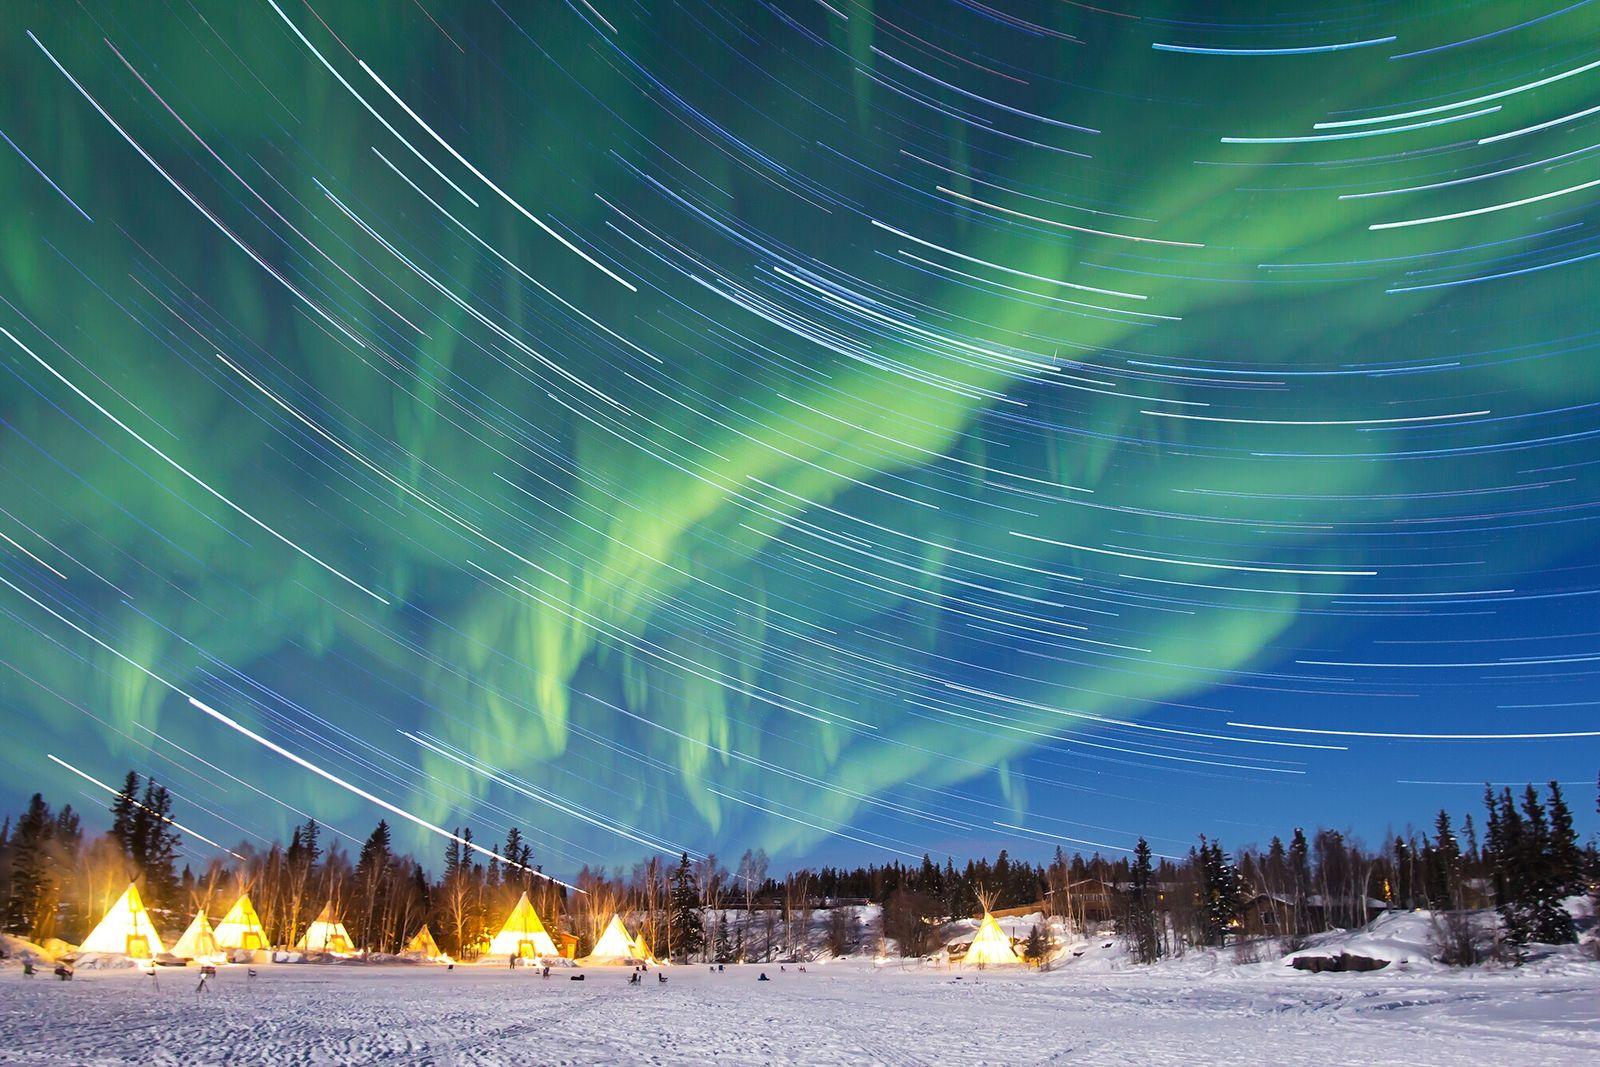 Yellowknife, Canadá   Aurora boreal sobre Yellowknife, a capital dos Territórios do Noroeste do Canadá.